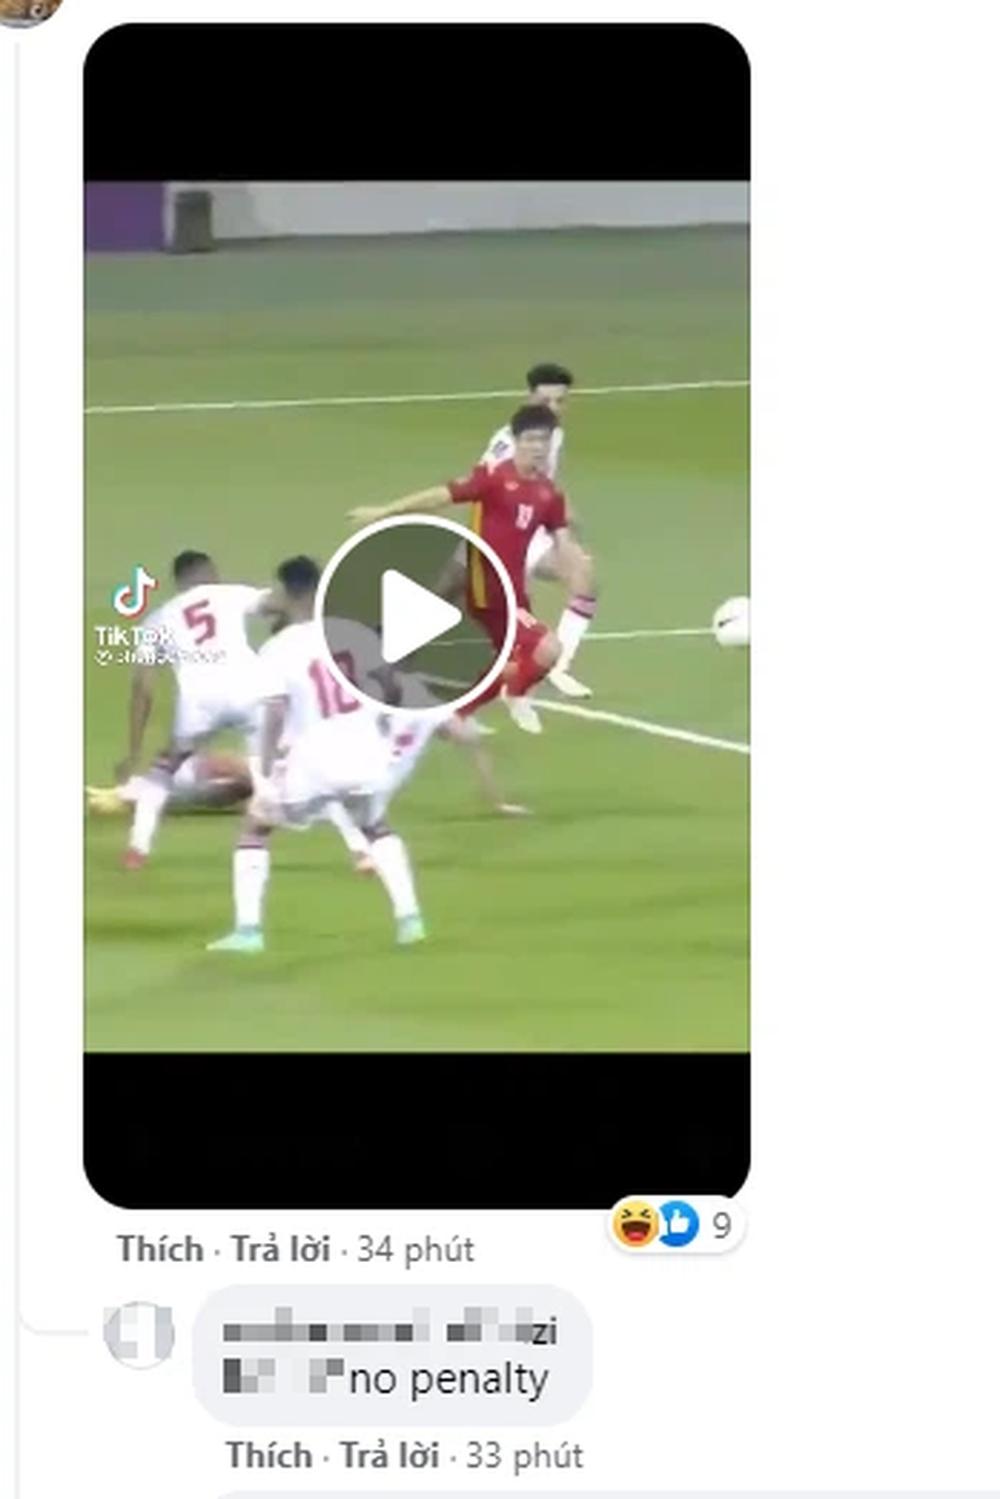 Nóng mắt vì CĐV Việt Nam spam kiện trọng tài ở bài đăng tri ân Eriksen, fan quốc tế thắc mắc: Tại sao lại có bình luận này? - Ảnh 6.